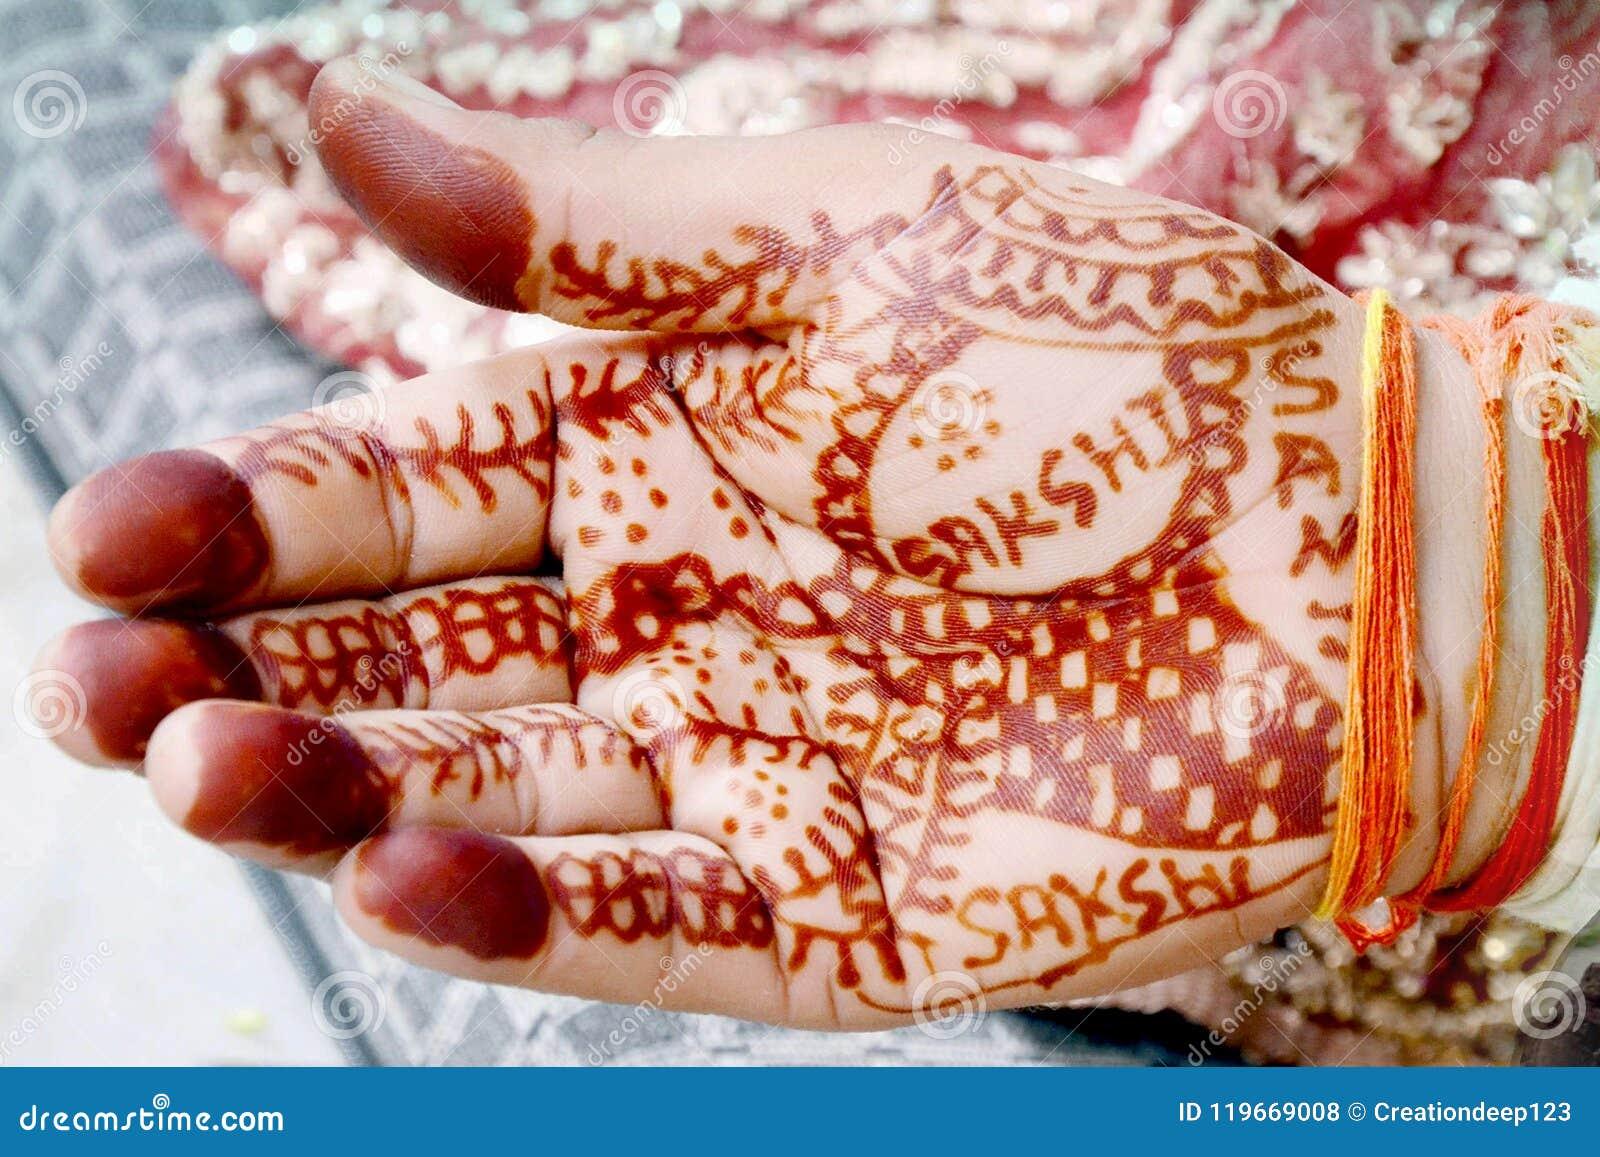 Hände der Braut bei der Ausführung von Heiratsritualen